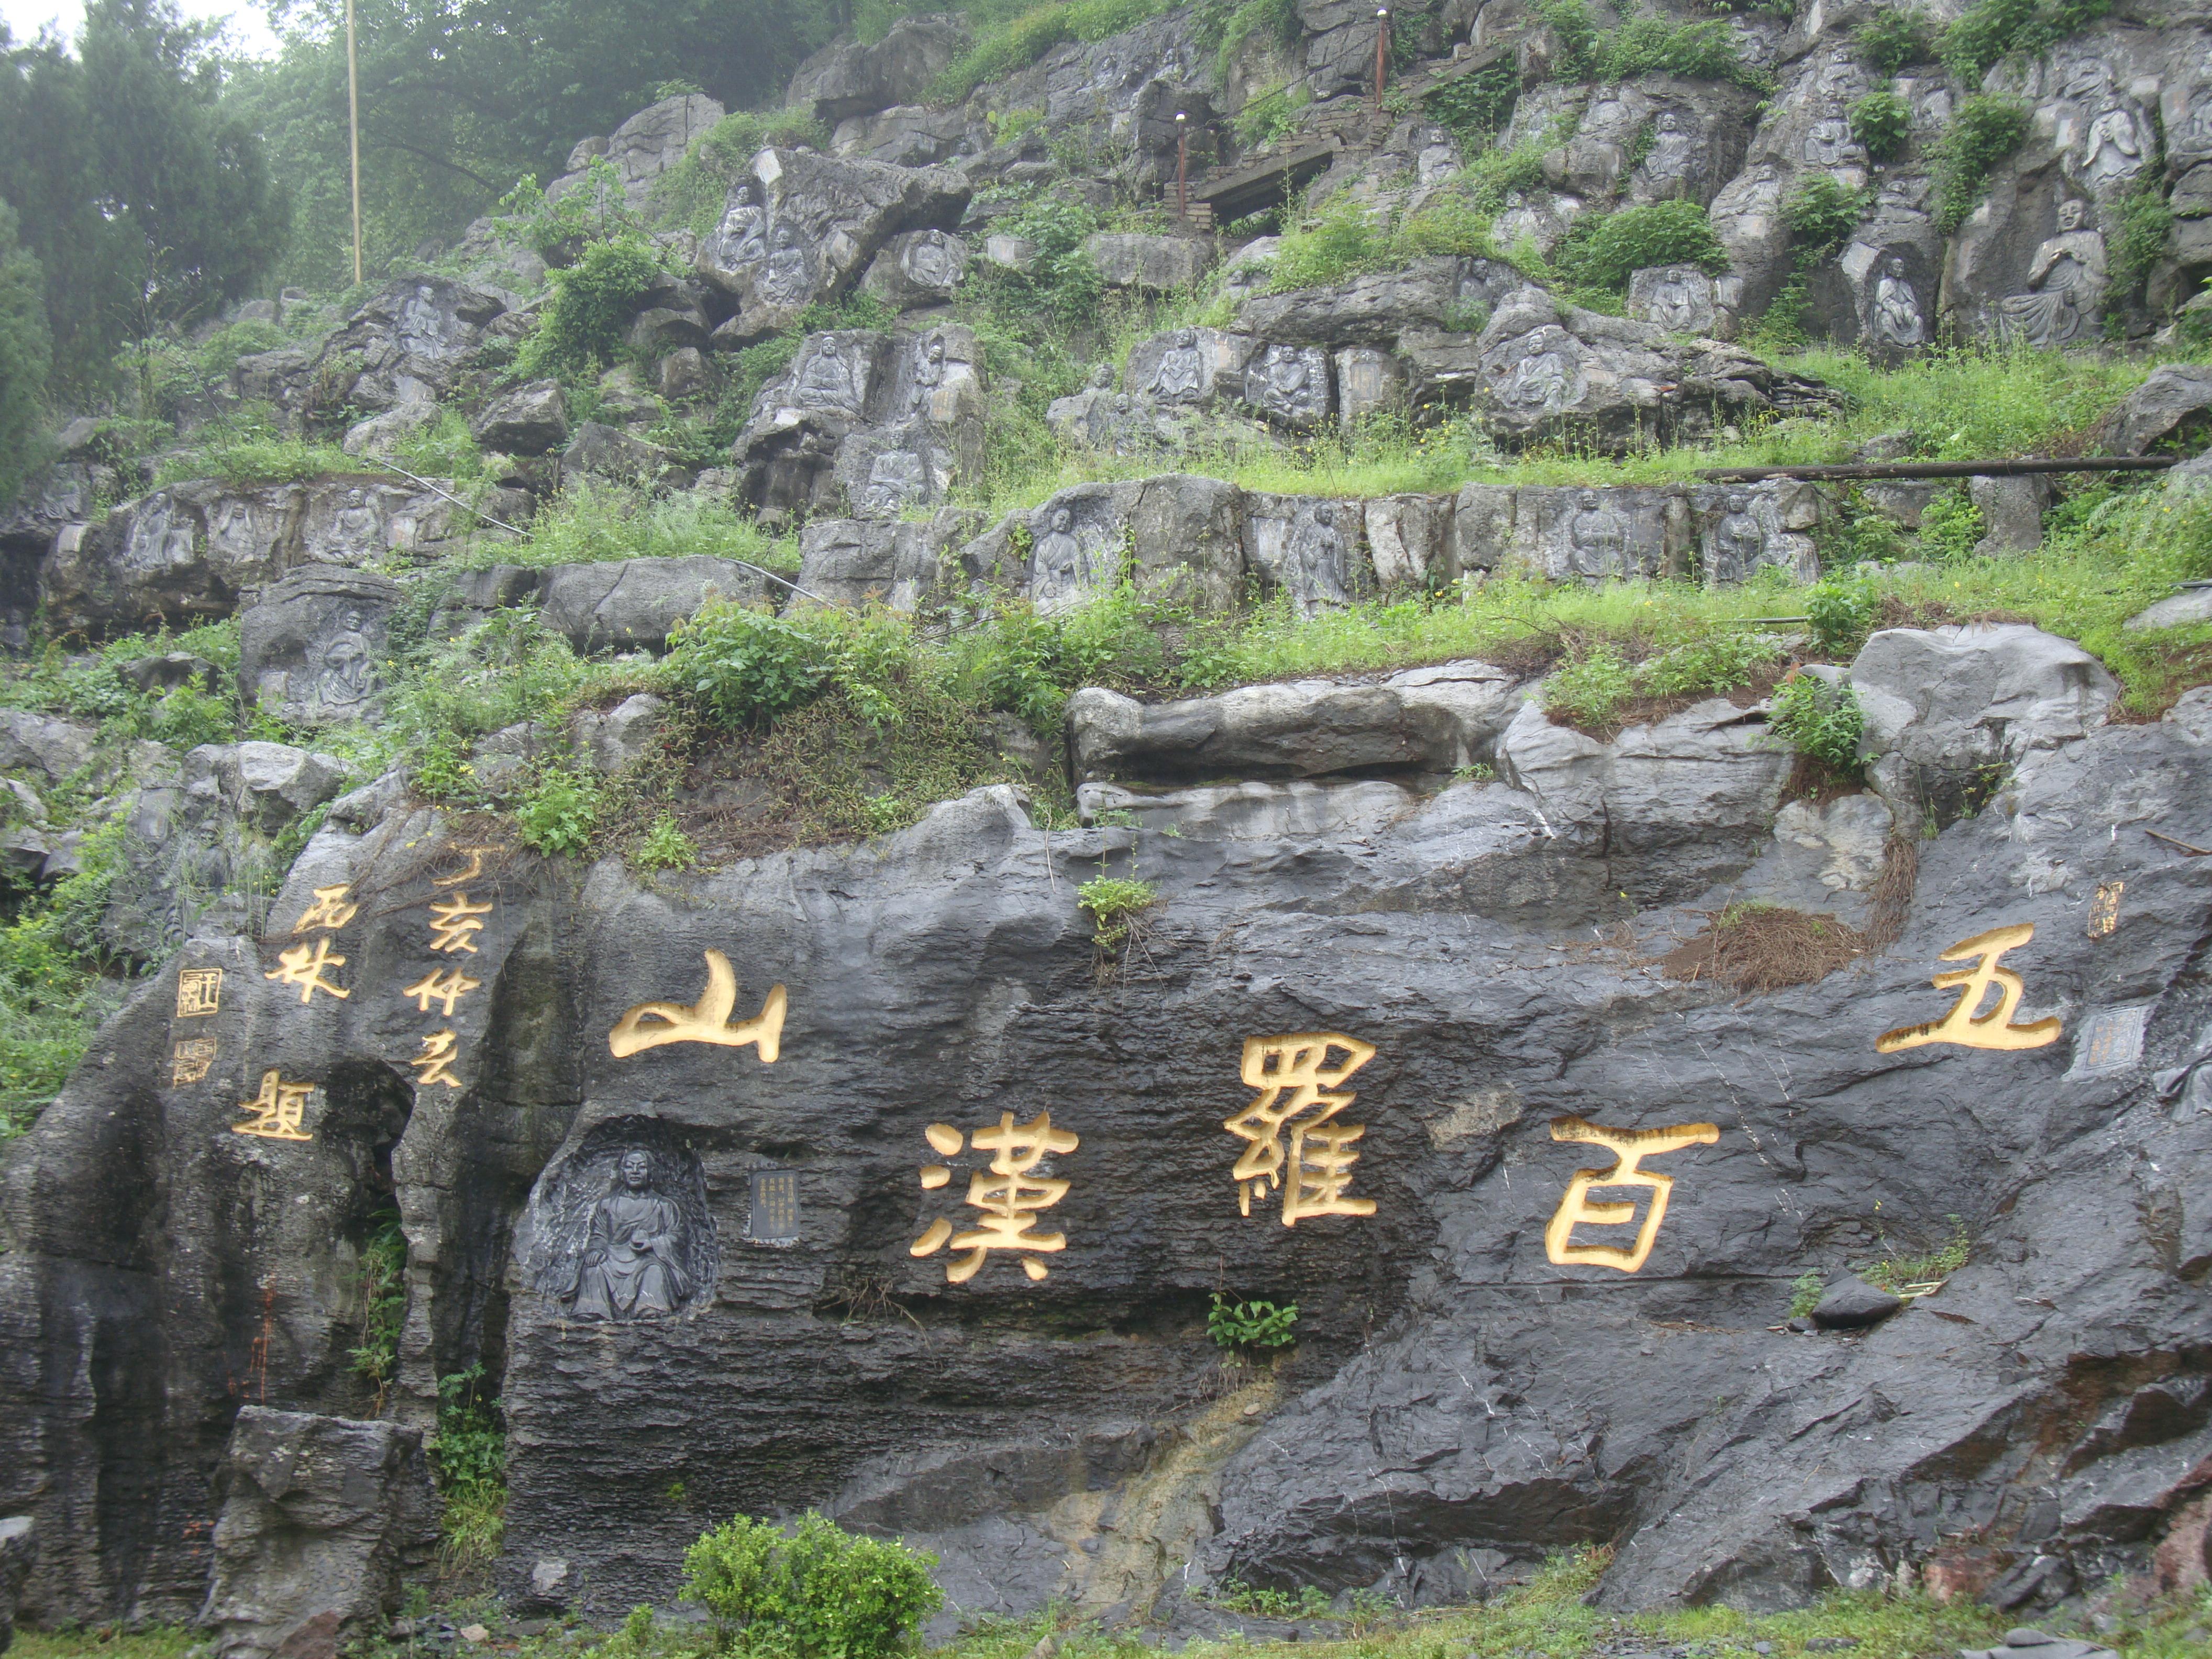 安徽池州清源山景区